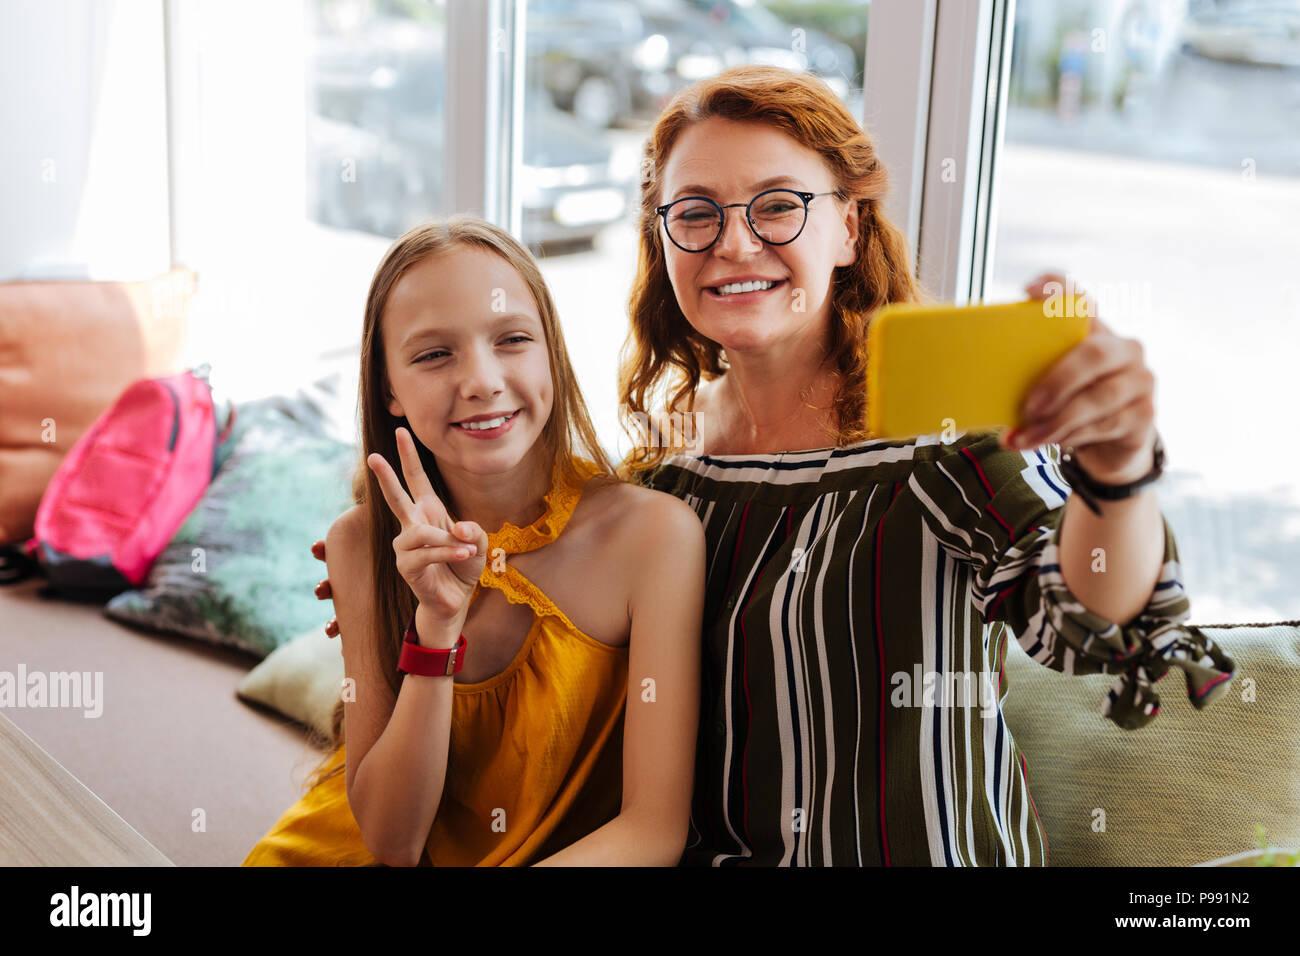 Madre amorosa haciendo selfie moderno con hija adolescente Imagen De Stock